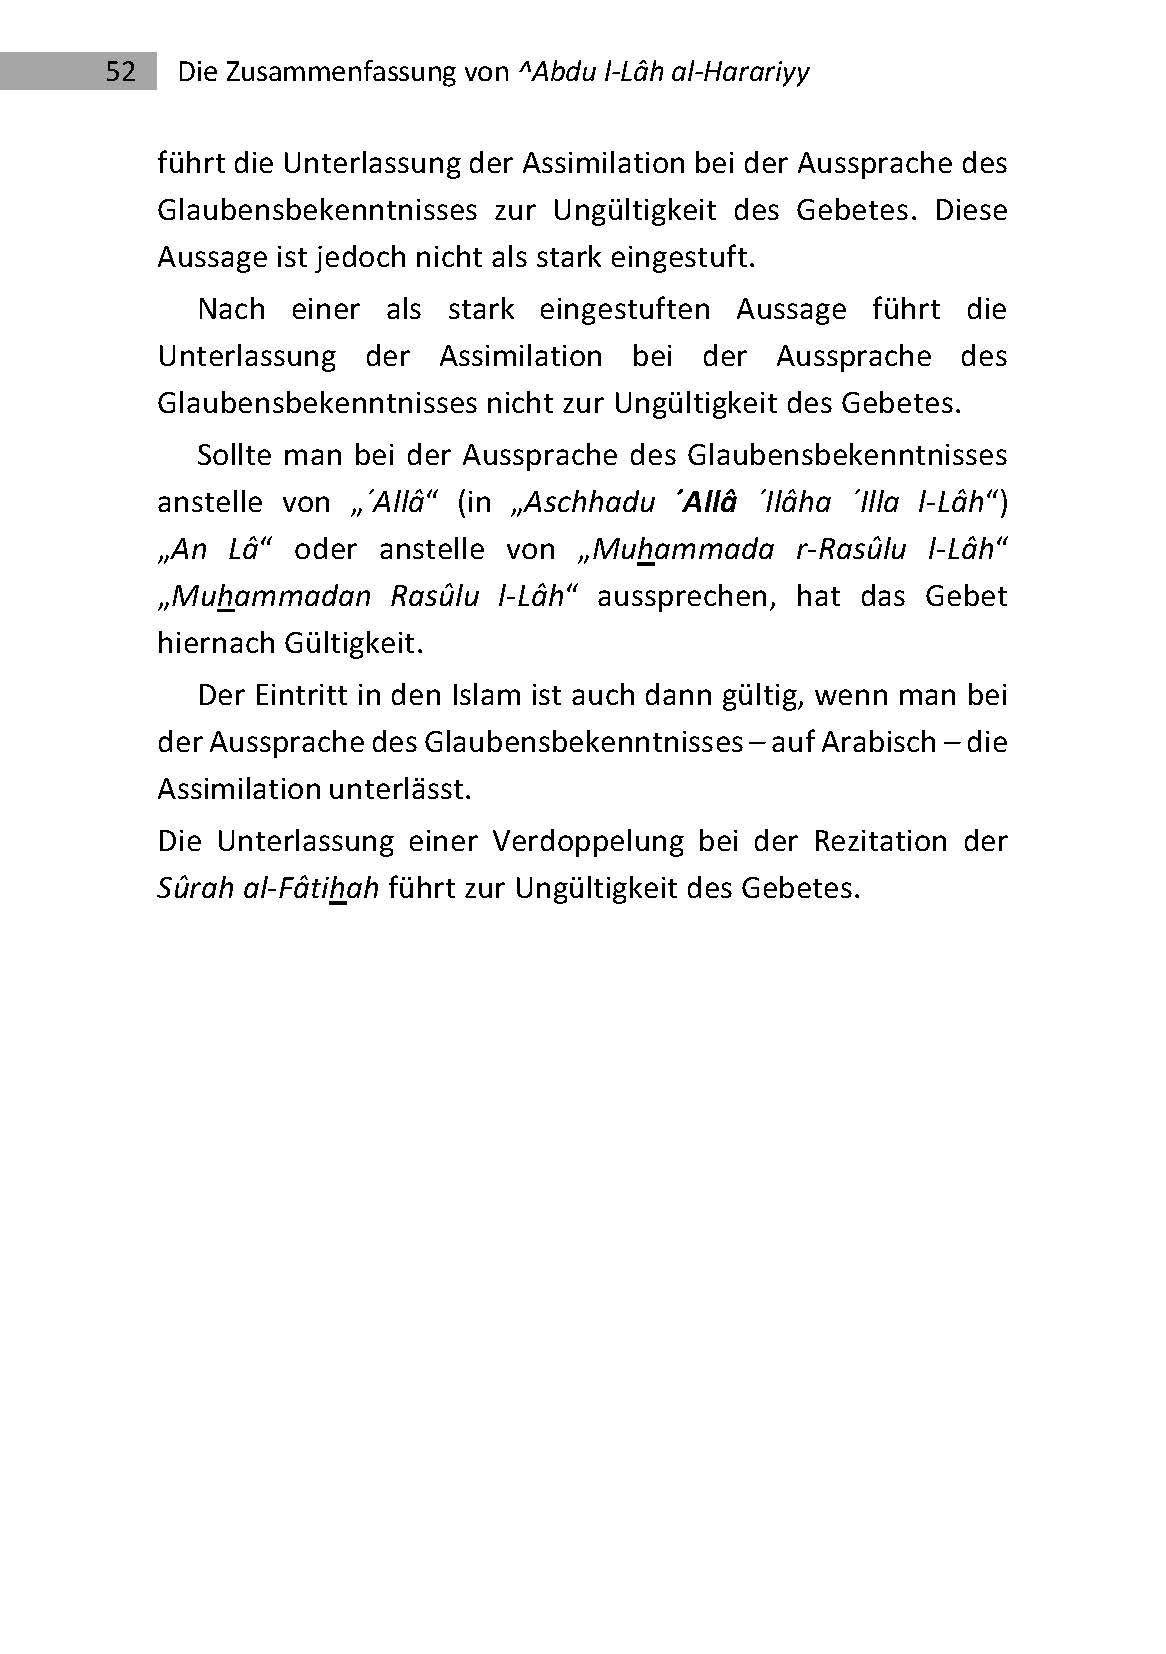 Die Zusammenfassung - 3. Auflage 2014_Seite_52